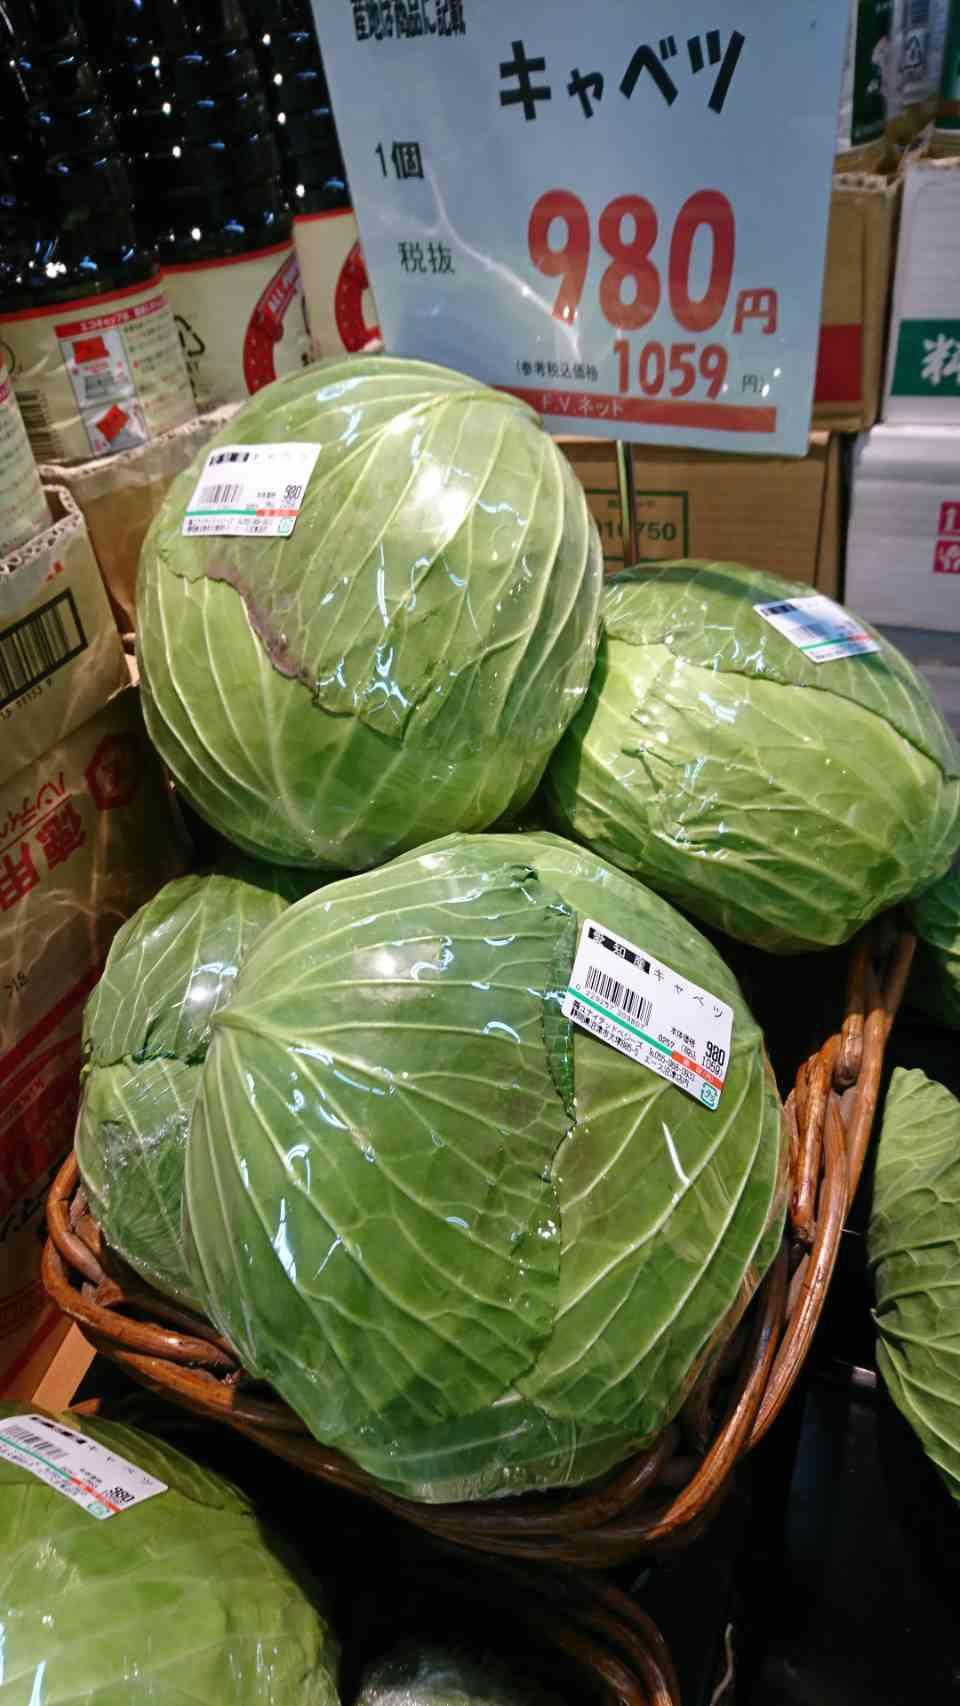 野菜の価格高騰に、母が『ひと言』多くの人から「その通り!」の声相次ぐ